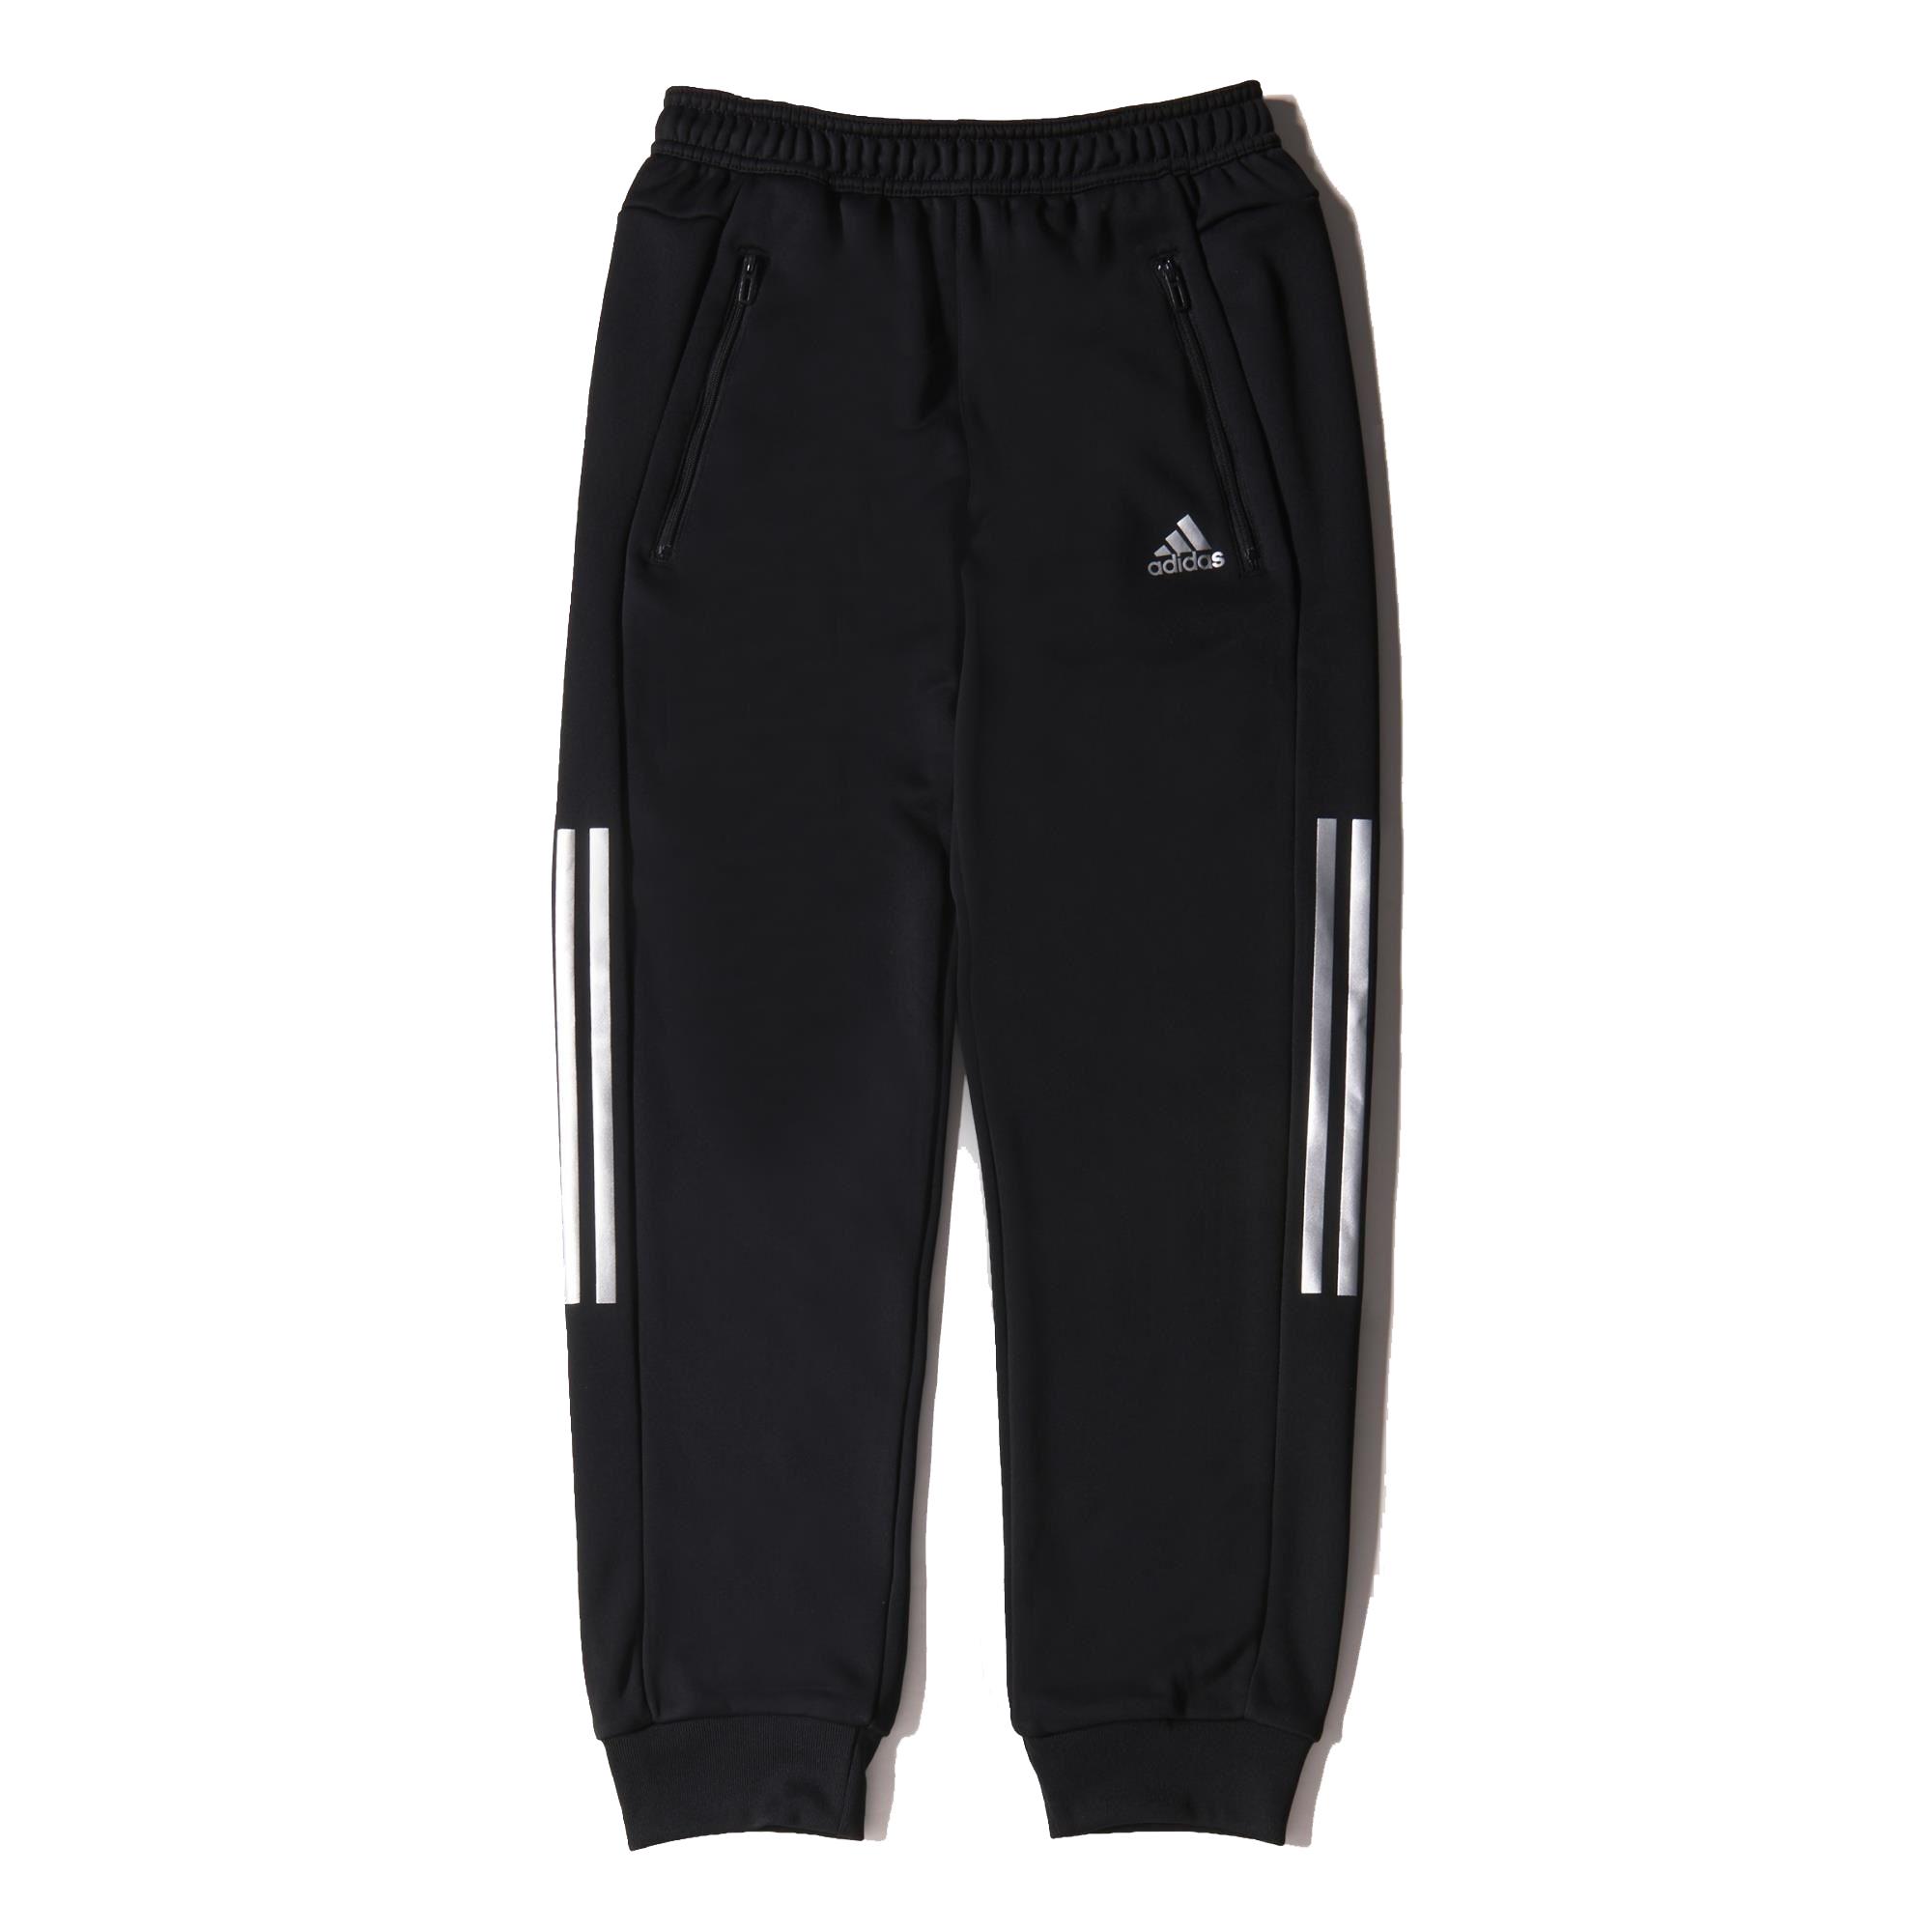 jongens sport broek Adidas S22131 JR ZWART